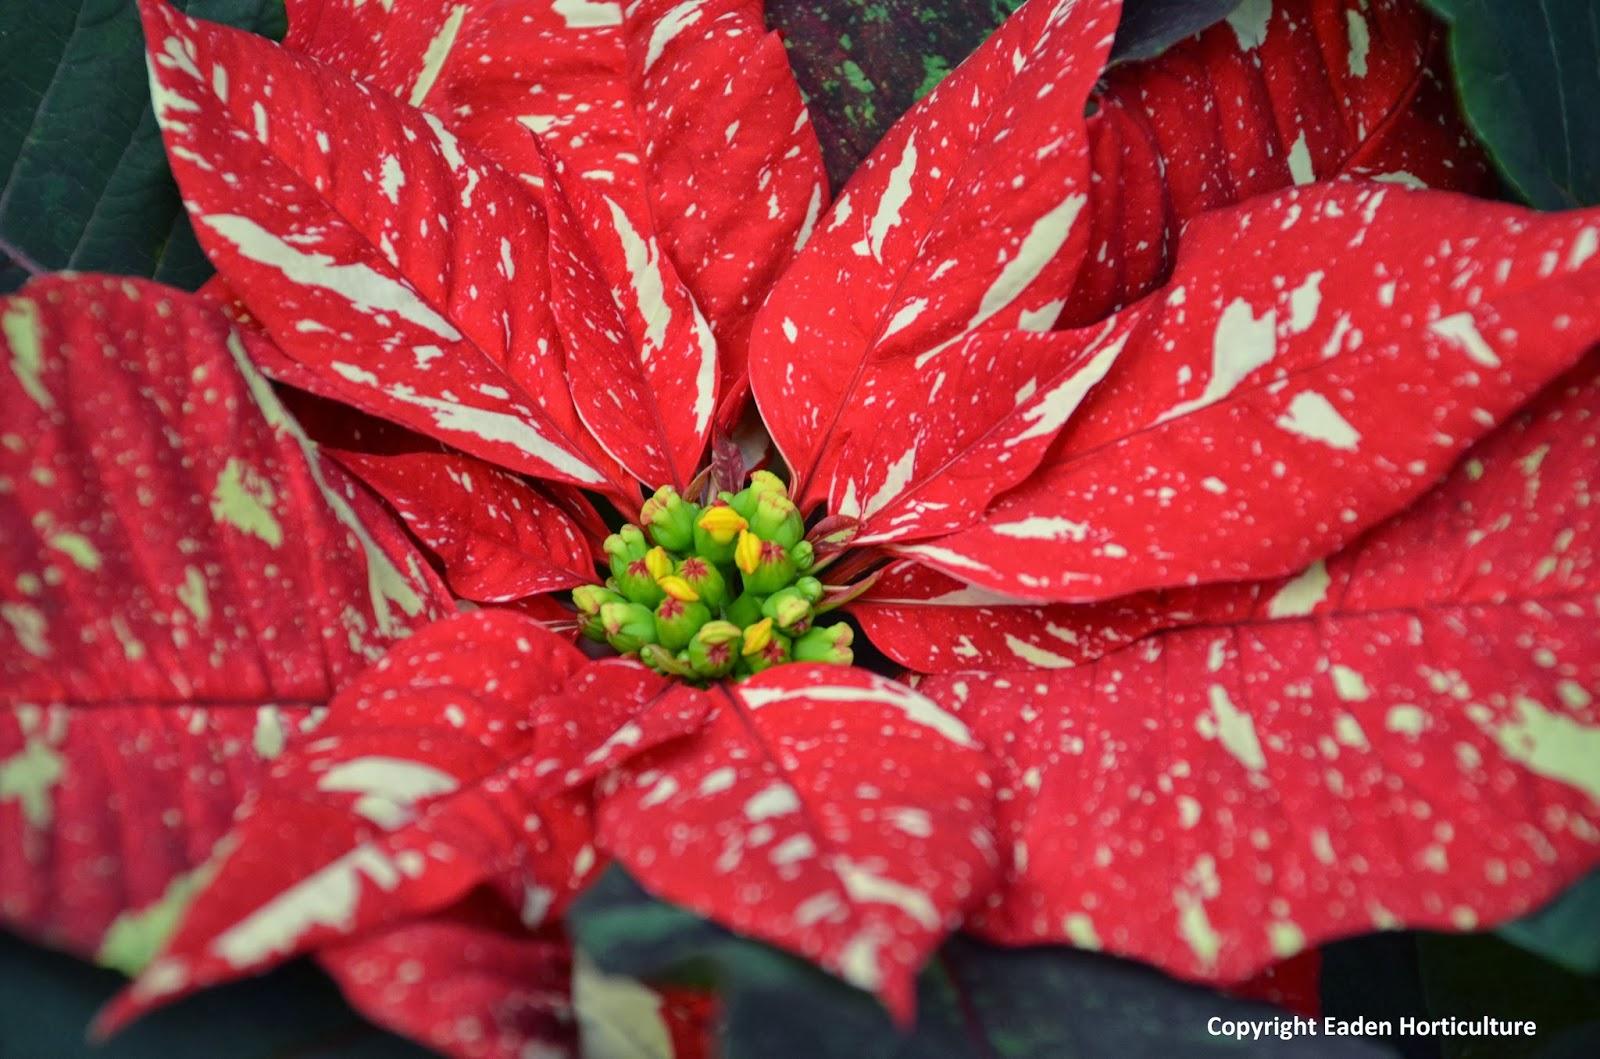 Poinsettia Pests And Diseases The Garden Of Eaden